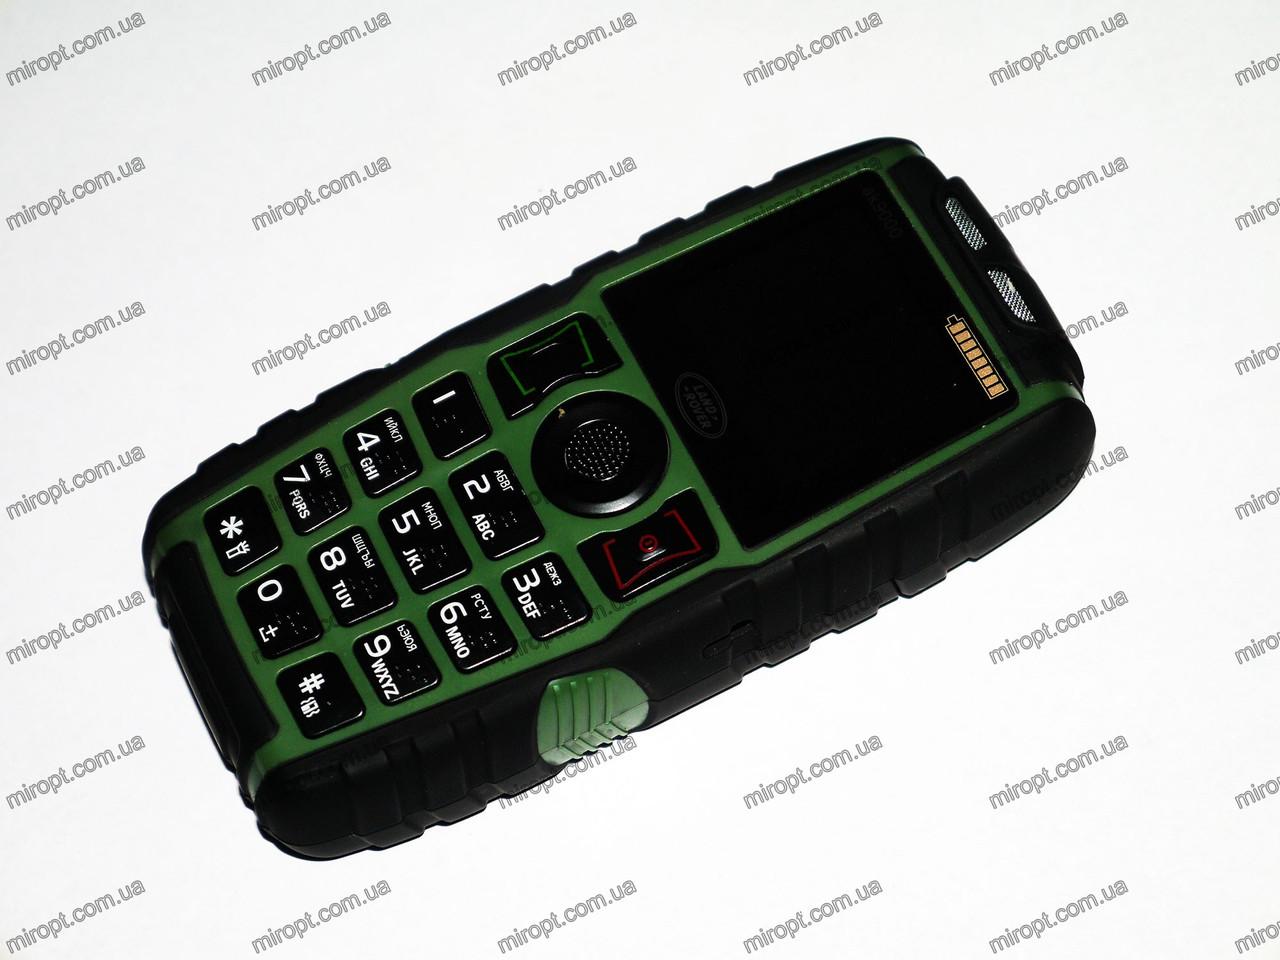 Телефон Land Rover AK9000. POWER BANK. 2sim. 5000 mAh